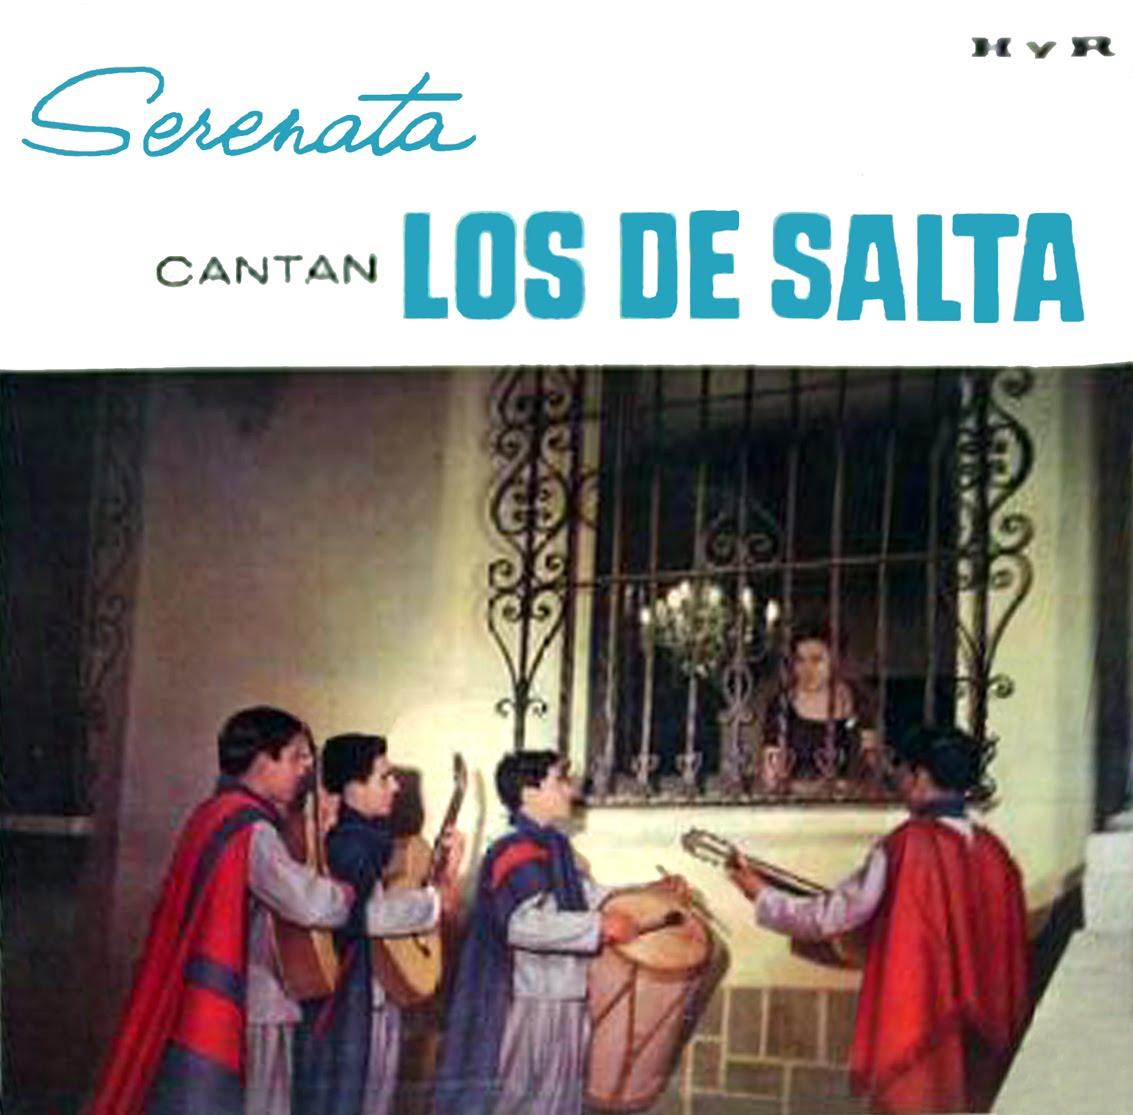 https://2.bp.blogspot.com/_zb2XoFILusQ/TKQJ1Cof4XI/AAAAAAAAEGs/fJ9txu_dkCY/s1600/Los+de+Salta-Serenata-f.jpg